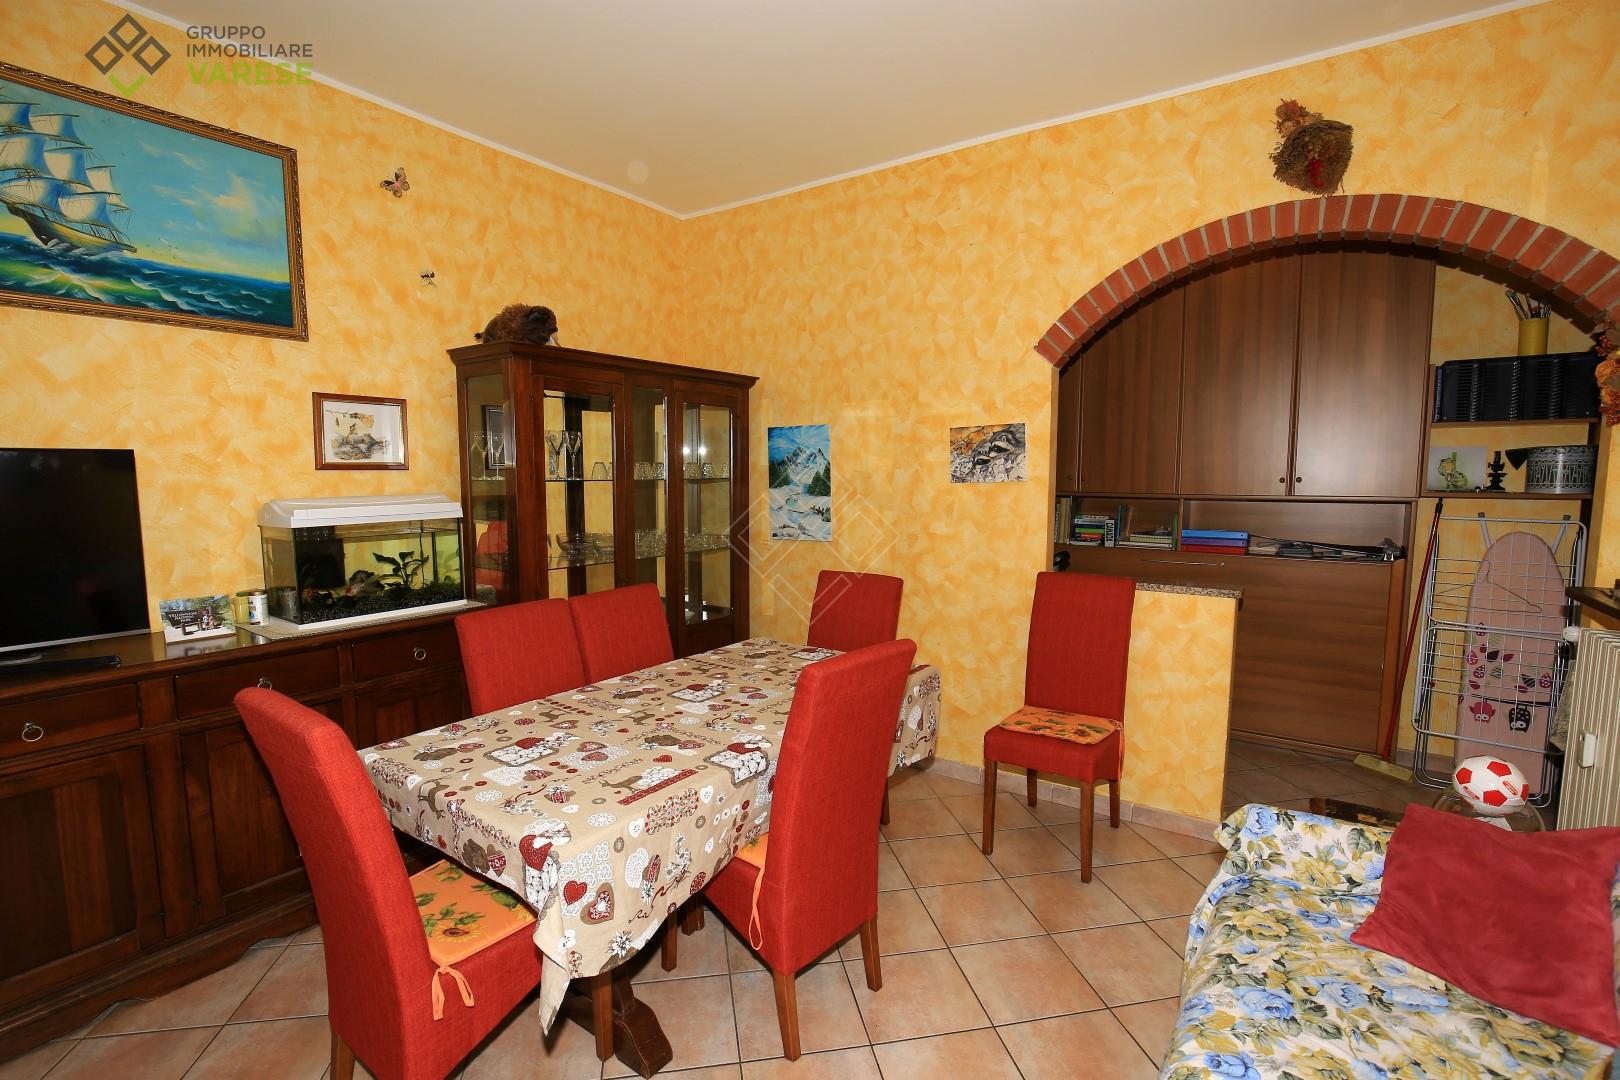 Appartamento in vendita a Saltrio, 2 locali, prezzo € 68.000 | CambioCasa.it